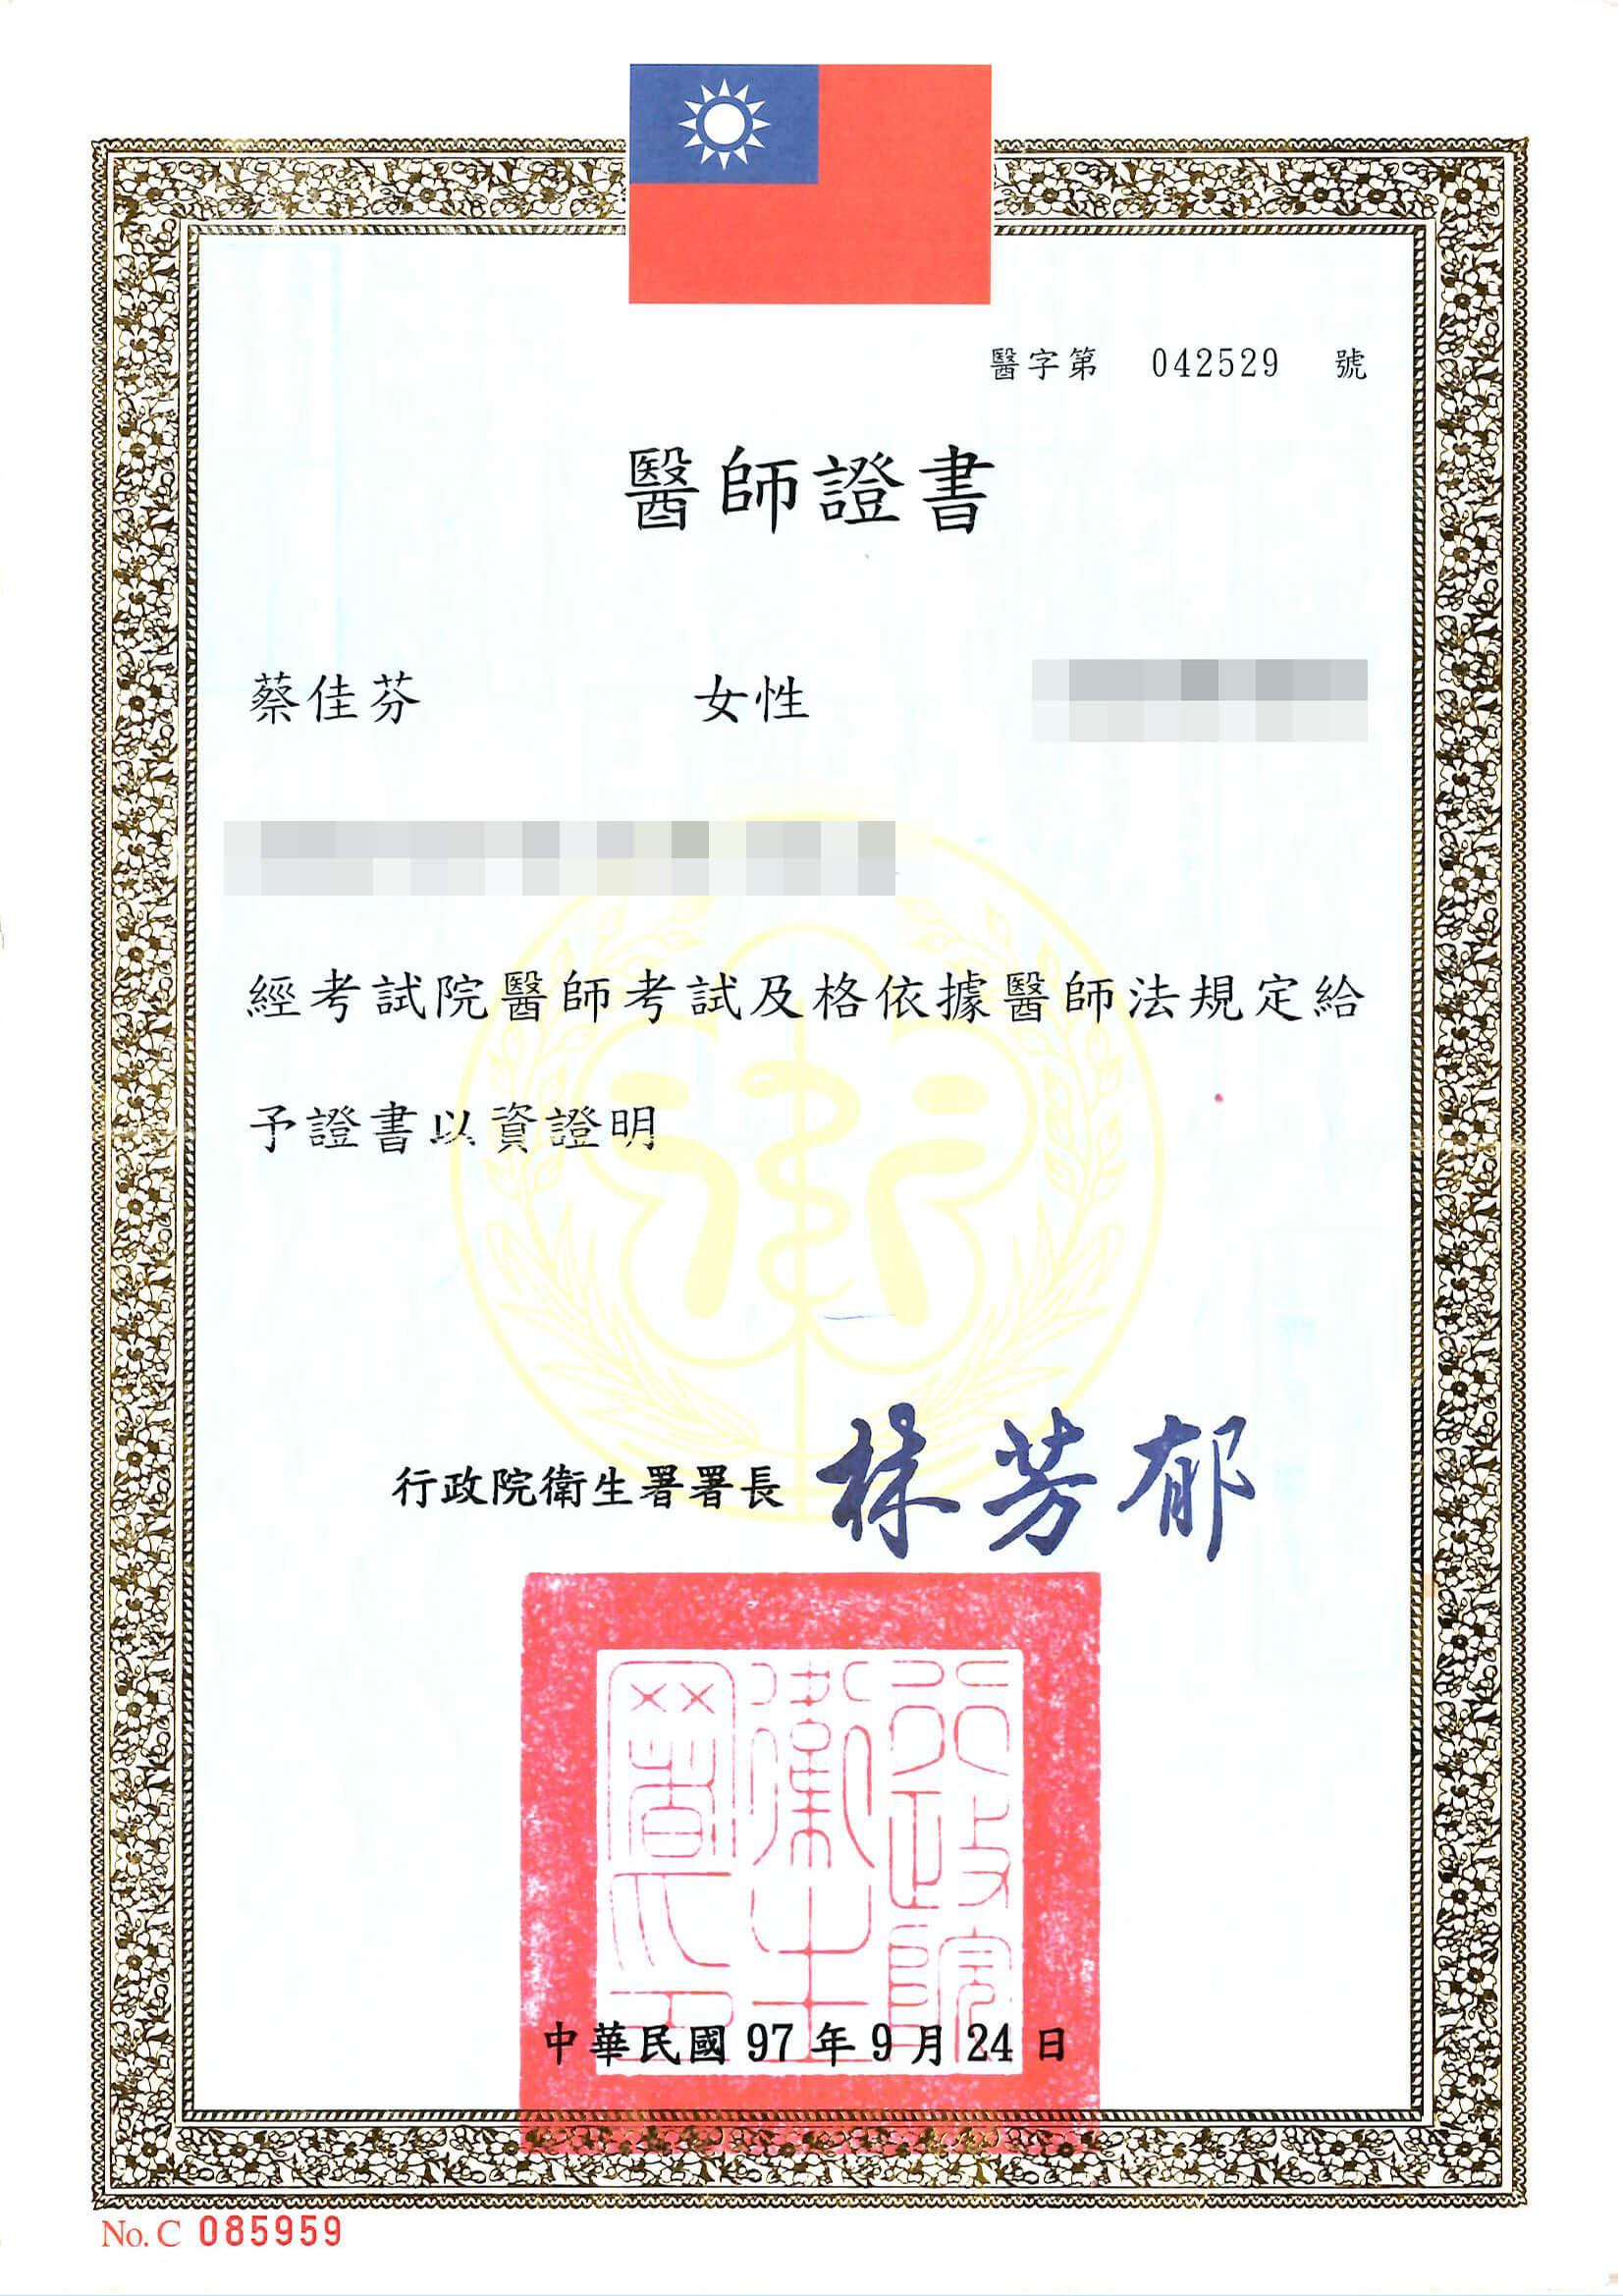 蔡佳芬-醫師證書完成